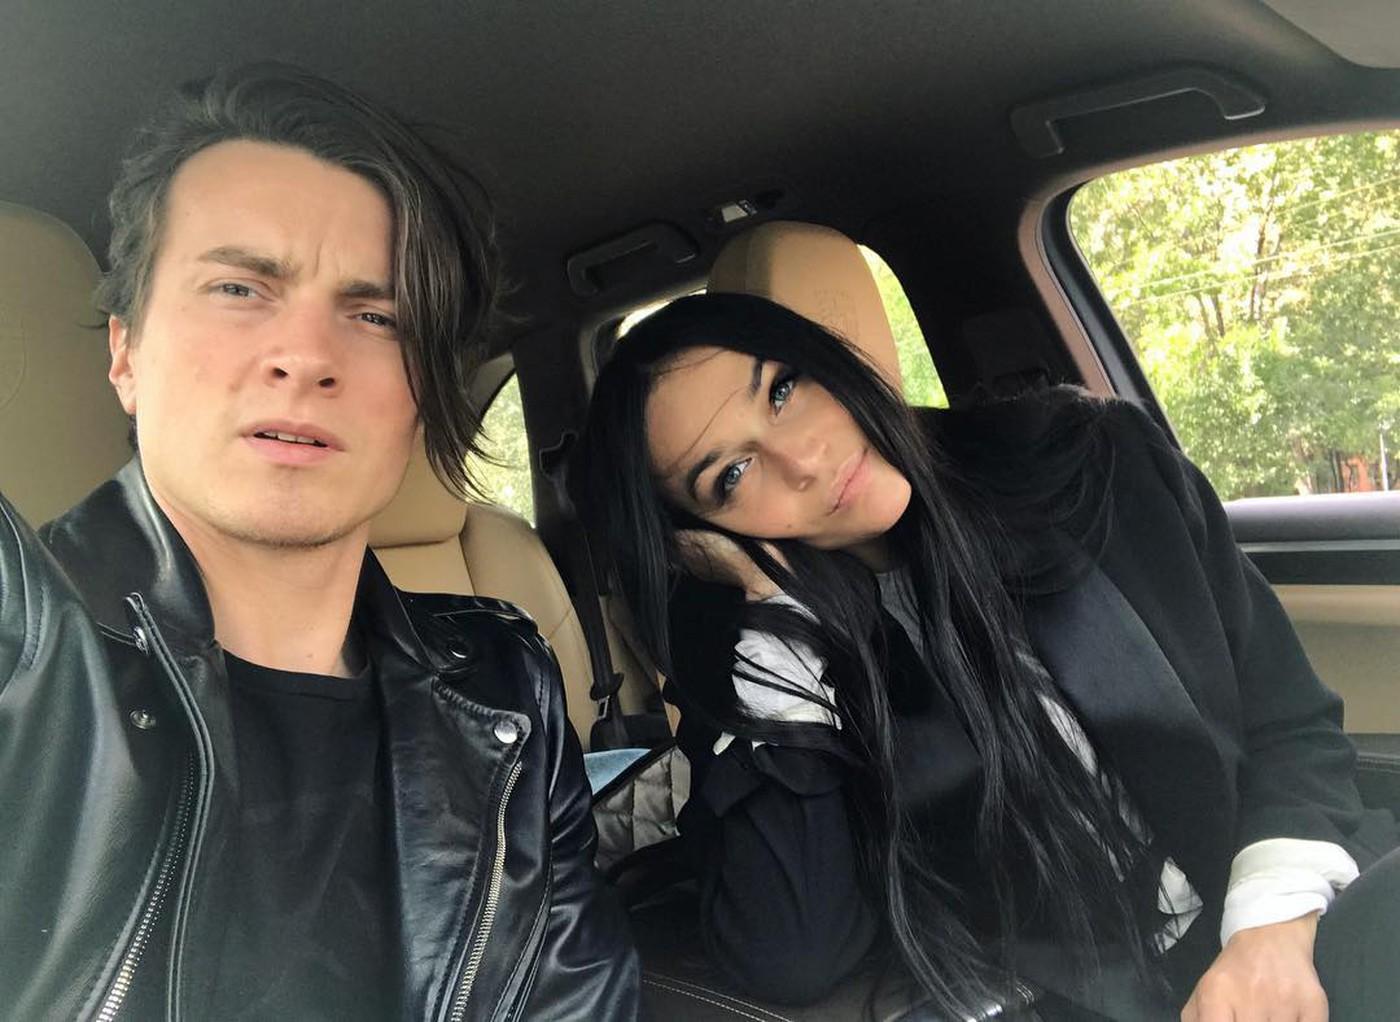 СМИ: Алена Водонаева бросила мужа